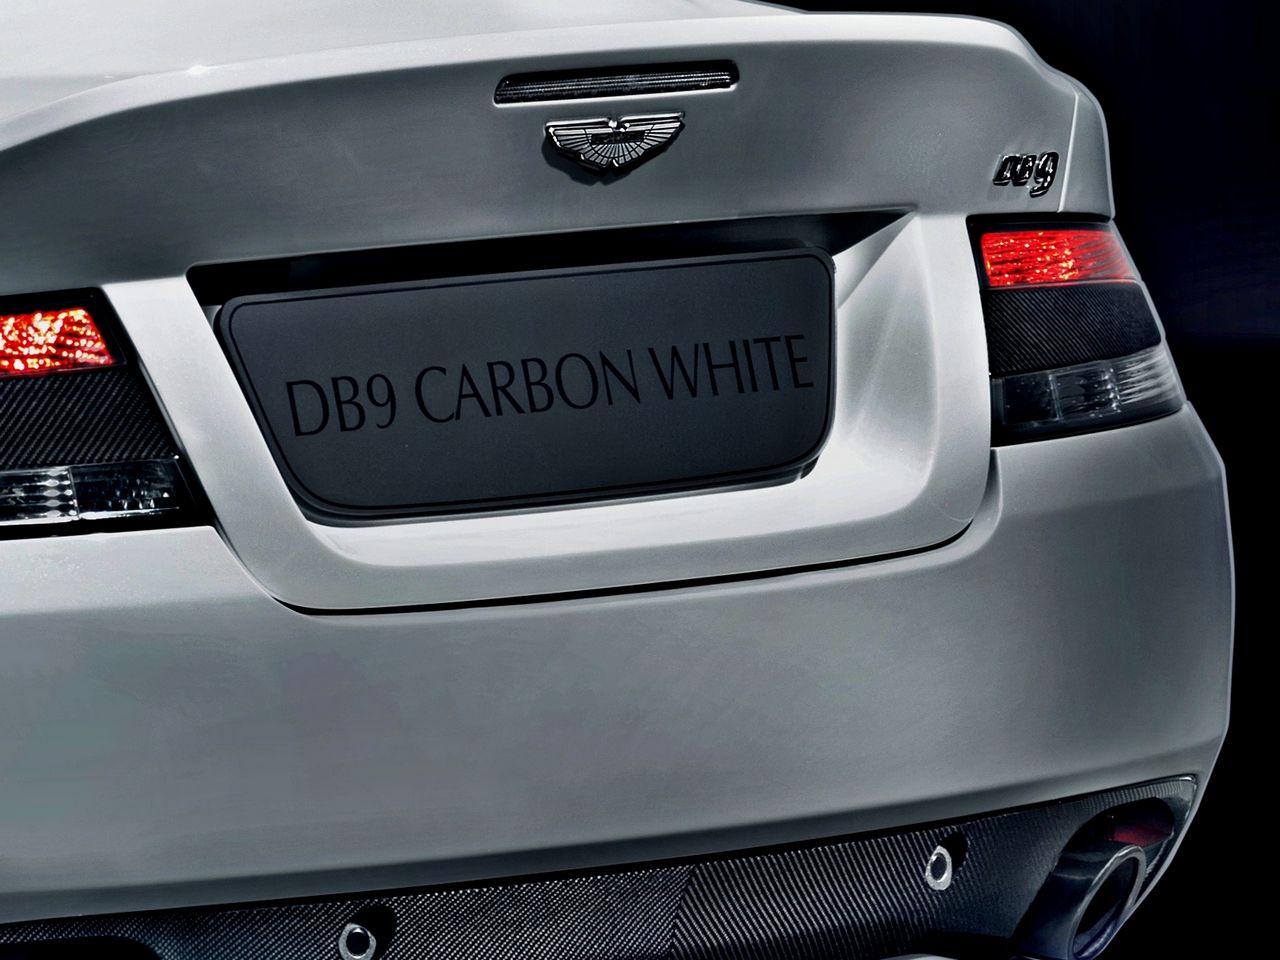 anteprima-salone-di-ginevra-2014-aston-martin-db9-carbon-black-carbon-white-0-100_12